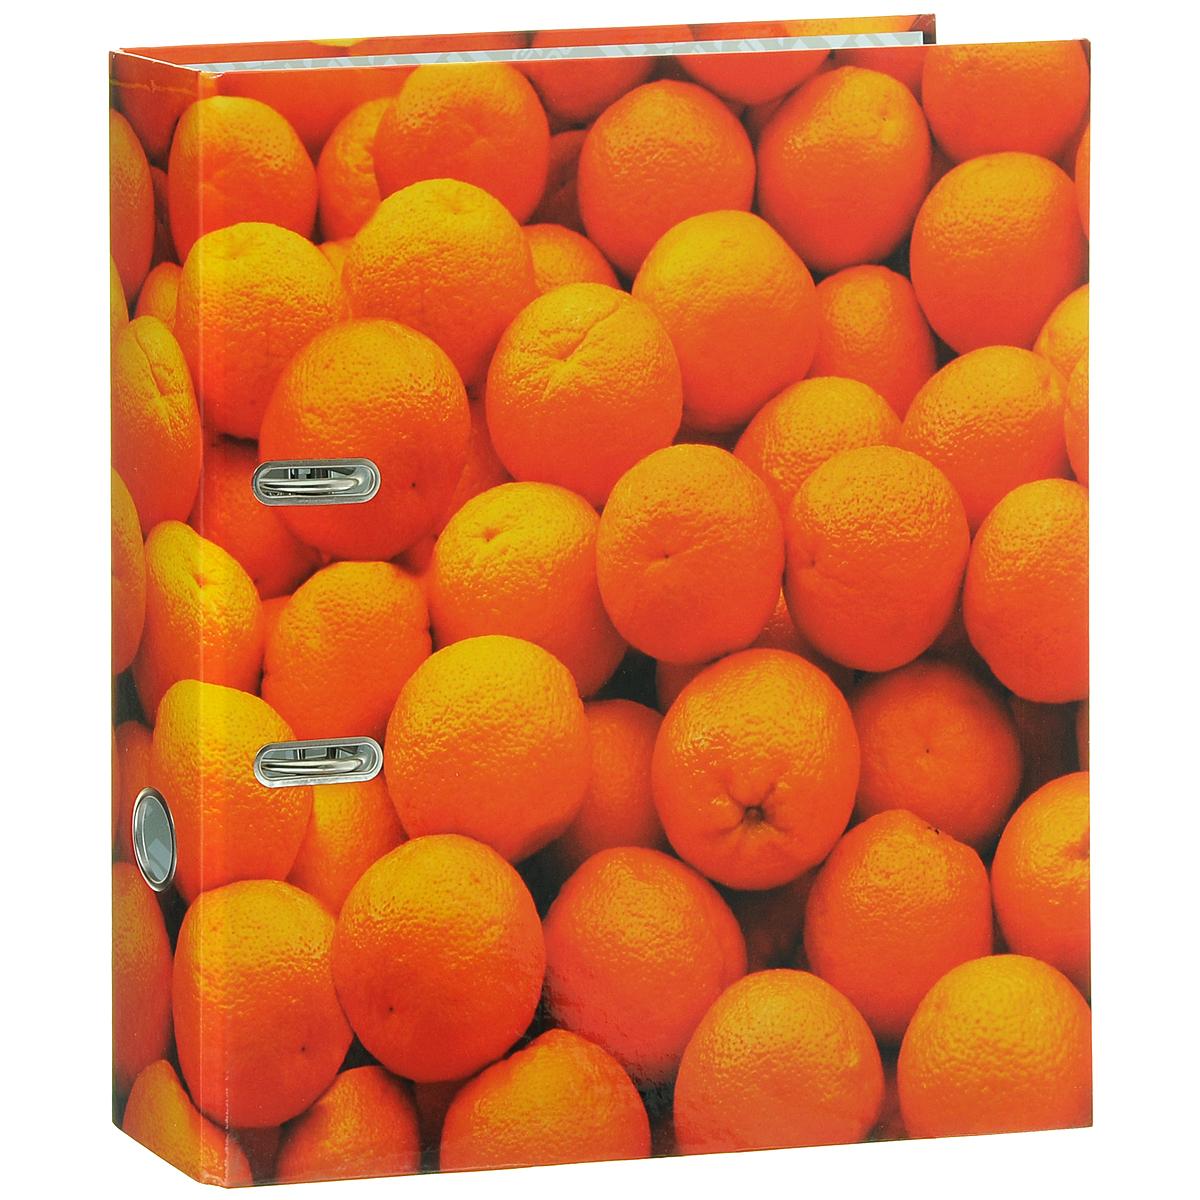 Папка-регистратор Index Апельсин, ширина корешка 80 мм, цвет: оранжевыйFS-36052Папка-регистратор Index Апельсин незаменима для работы с большими объемами бумаг дома и в офисе.Папка изготовлена из износостойкого высококачественного картона толщиной 2 мм, имеет ламинацию как снаружи, так и внутри. Папка оснащена прочным металлическим арочным механизмом, обеспечивающим надежную фиксацию перфорированных бумаг и документов формата А4. Для папки используется фурнитура только европейского производства. На торце папки расположено металлическое кольцо для удобства использования. Обложка папки оформлена красочным изображением спелых апельсинов. Папка-регистратор станет вашим надежным помощником, она упростит работу с бумагами и документами и защитит их от повреждения, пыли и влаги.